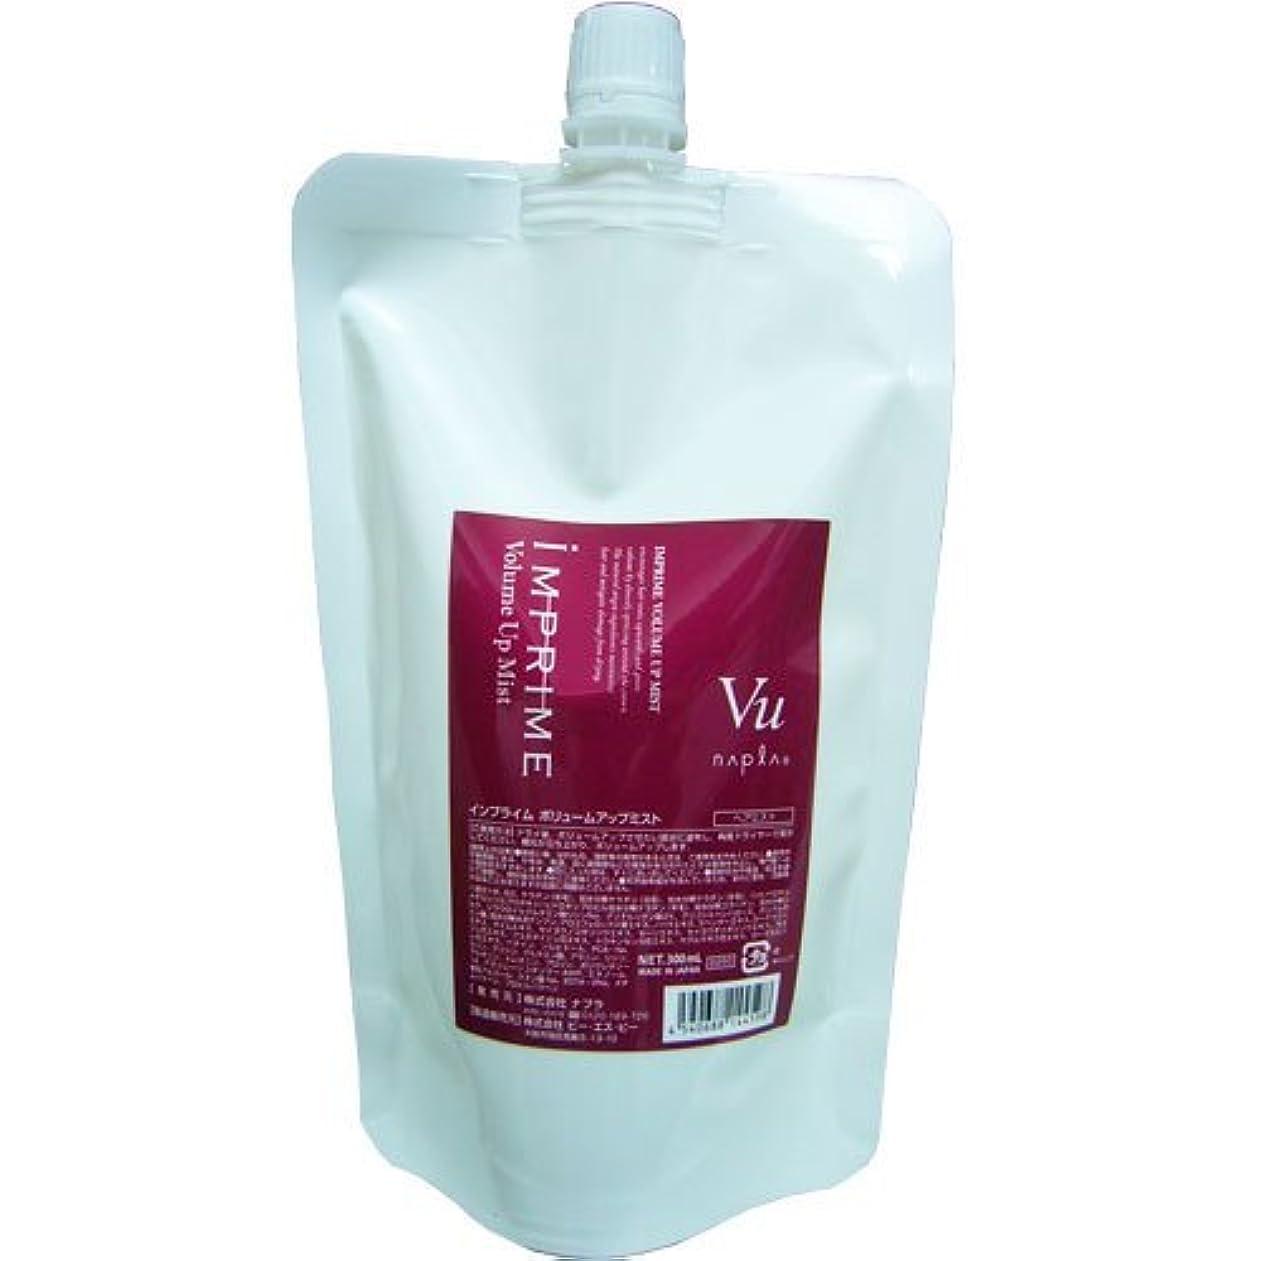 花弁乱雑な鎮静剤インプライム ボリュームアップミスト 300ml レフィル